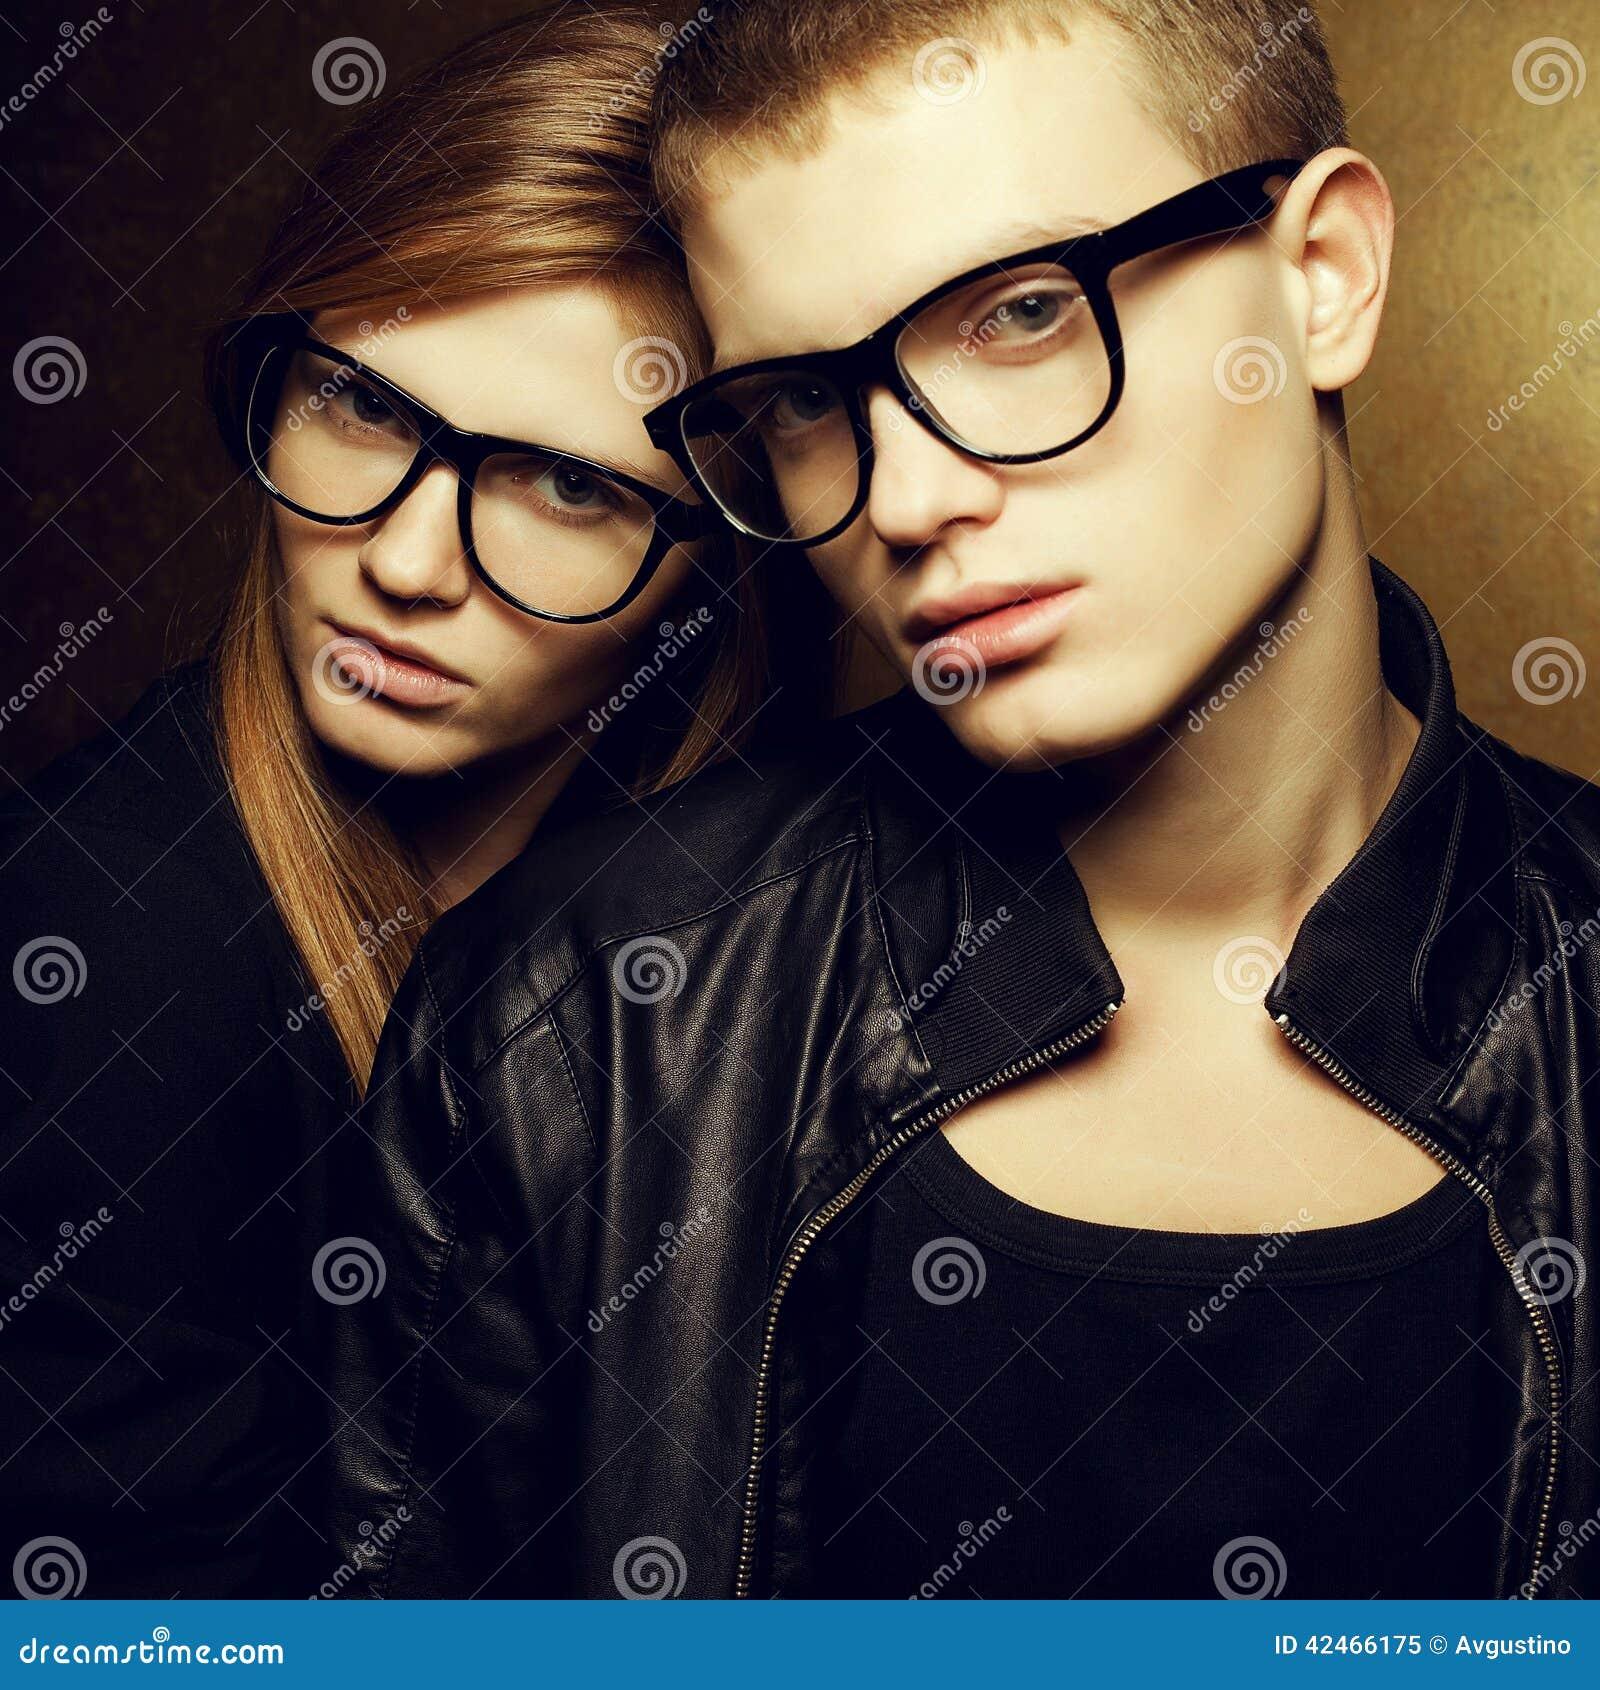 Rothaarige Modezwillinge im modischen Eyewear